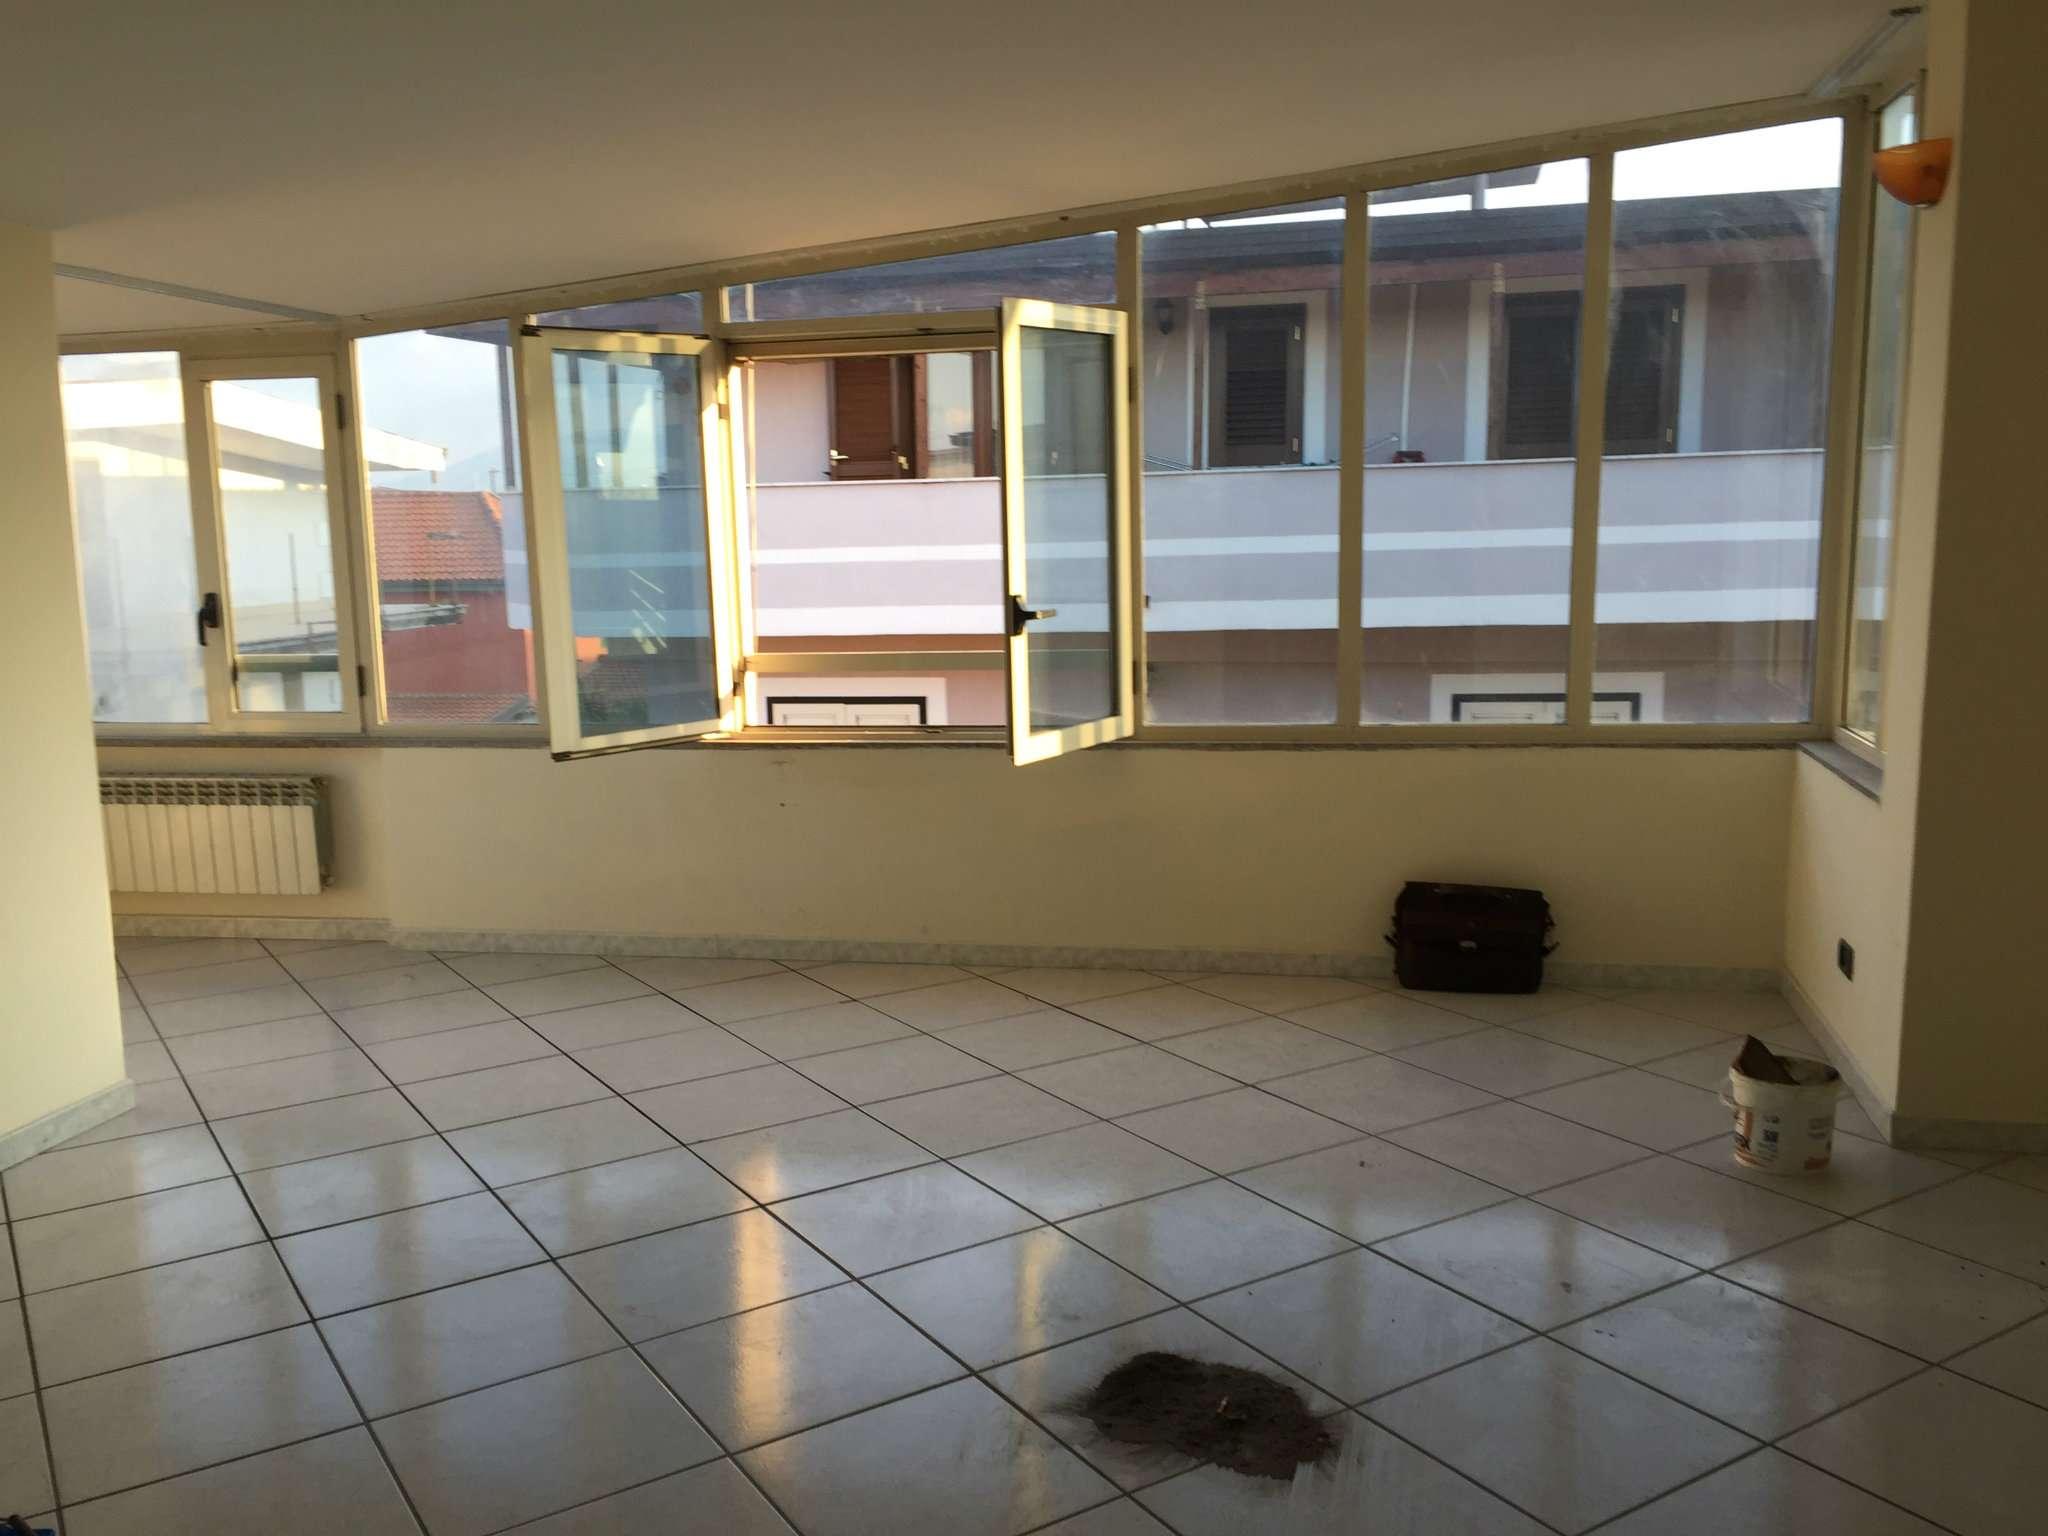 Attico / Mansarda in affitto a Marcianise, 4 locali, prezzo € 320 | Cambio Casa.it